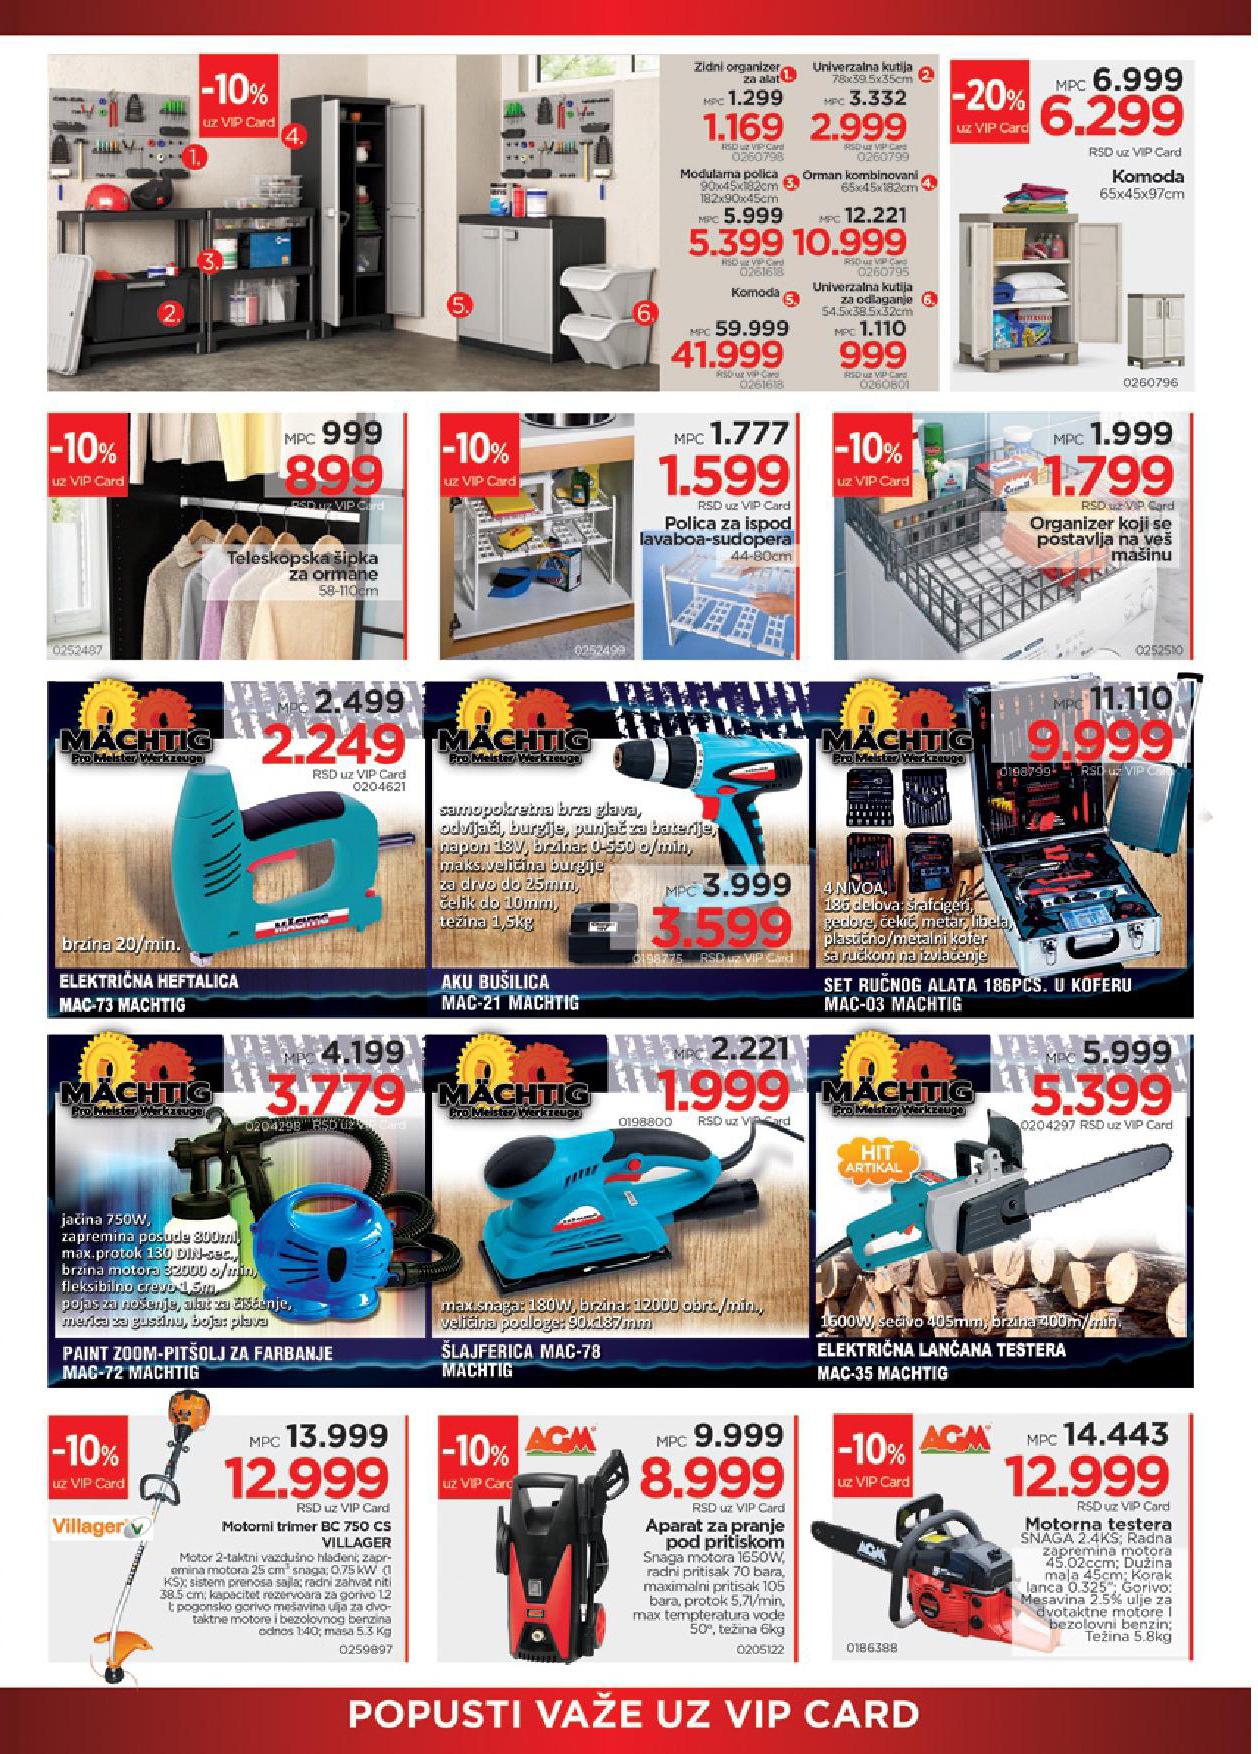 Home Centar akcija sjajnih cena